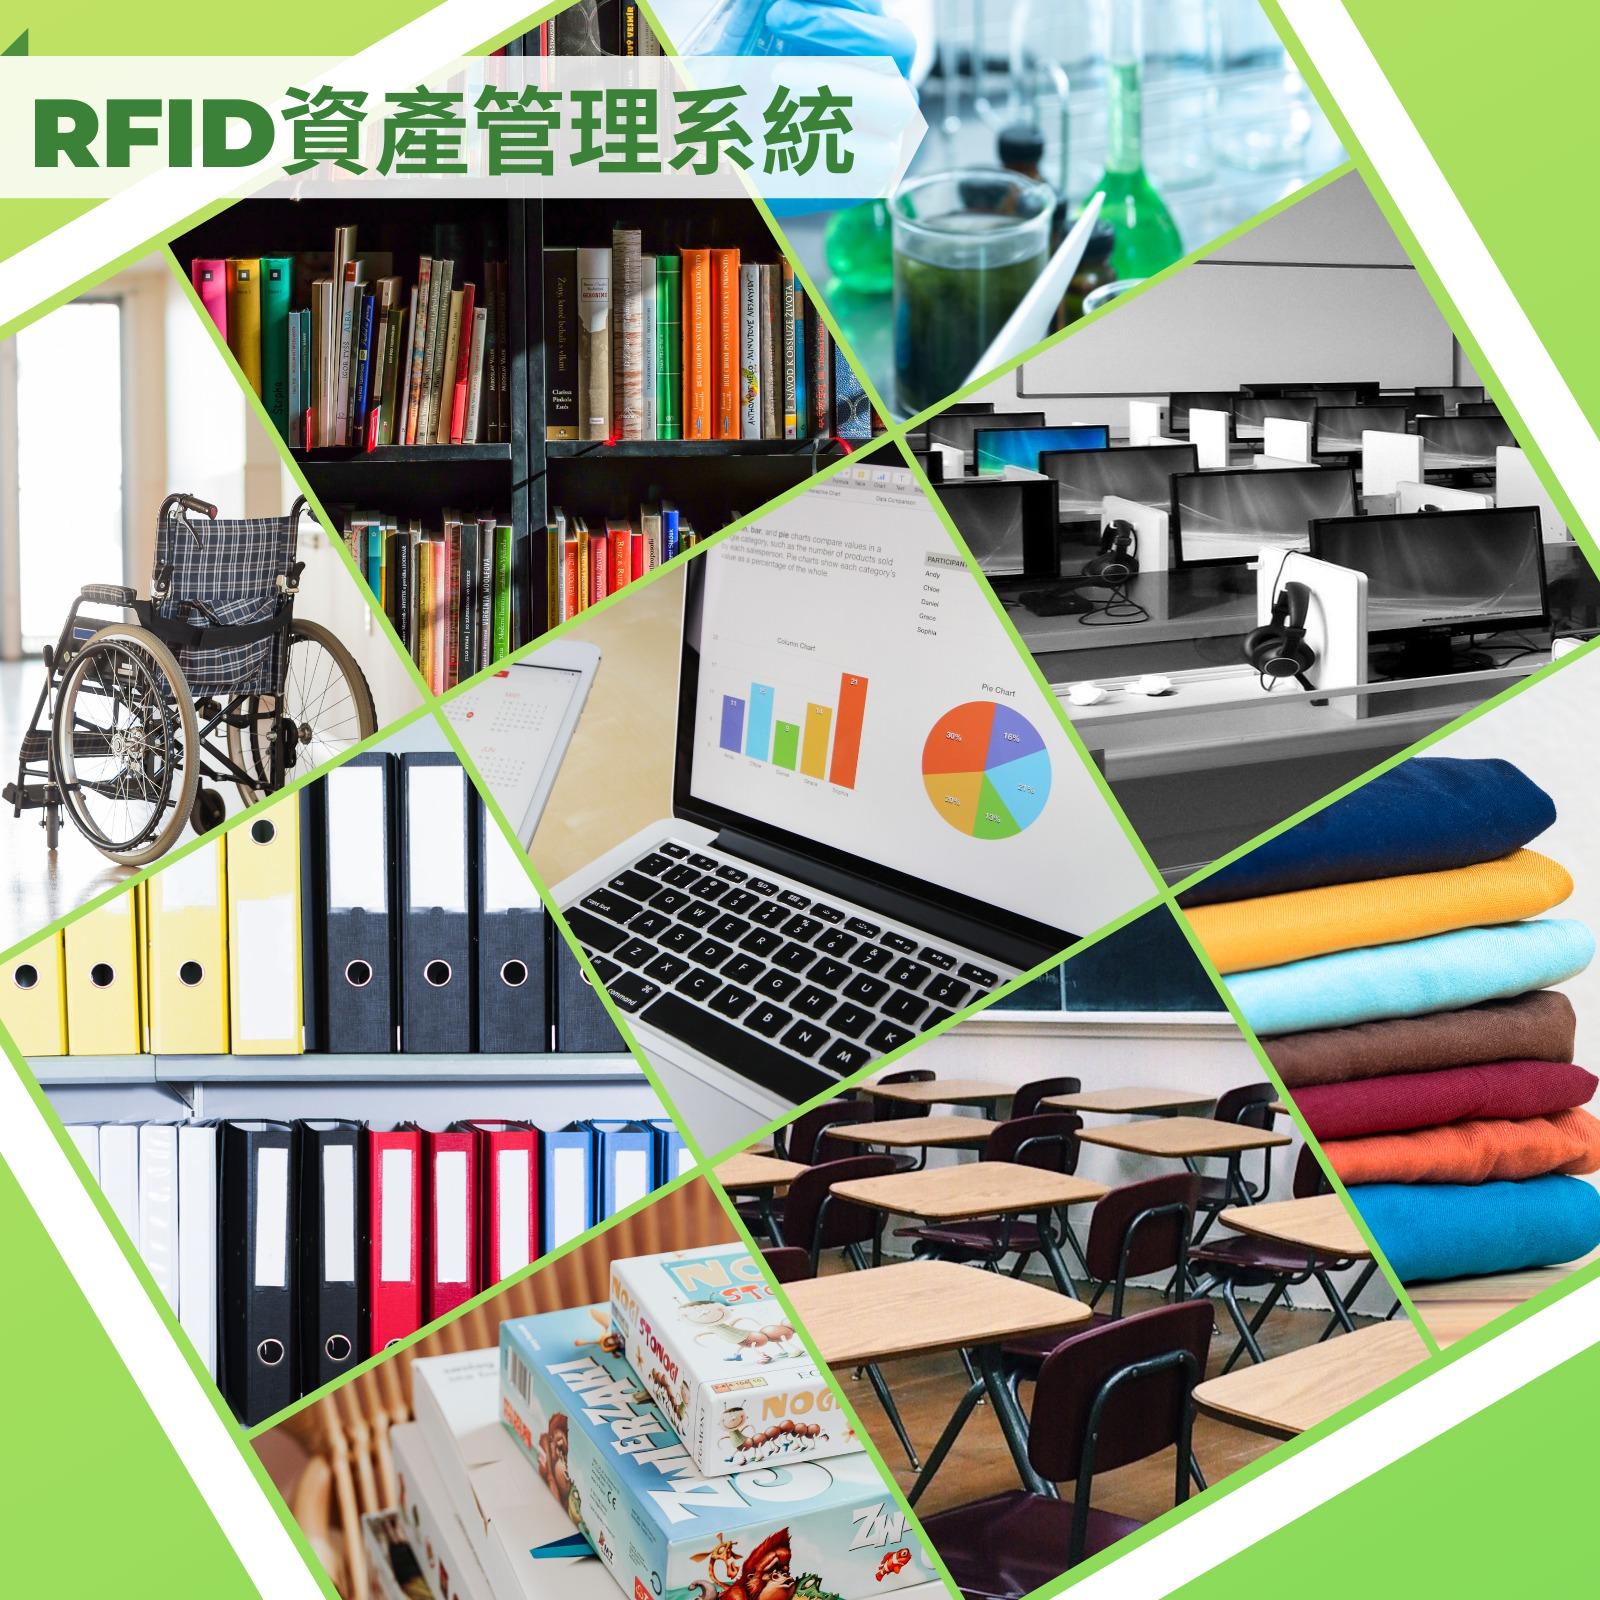 RFID 資產管理系統